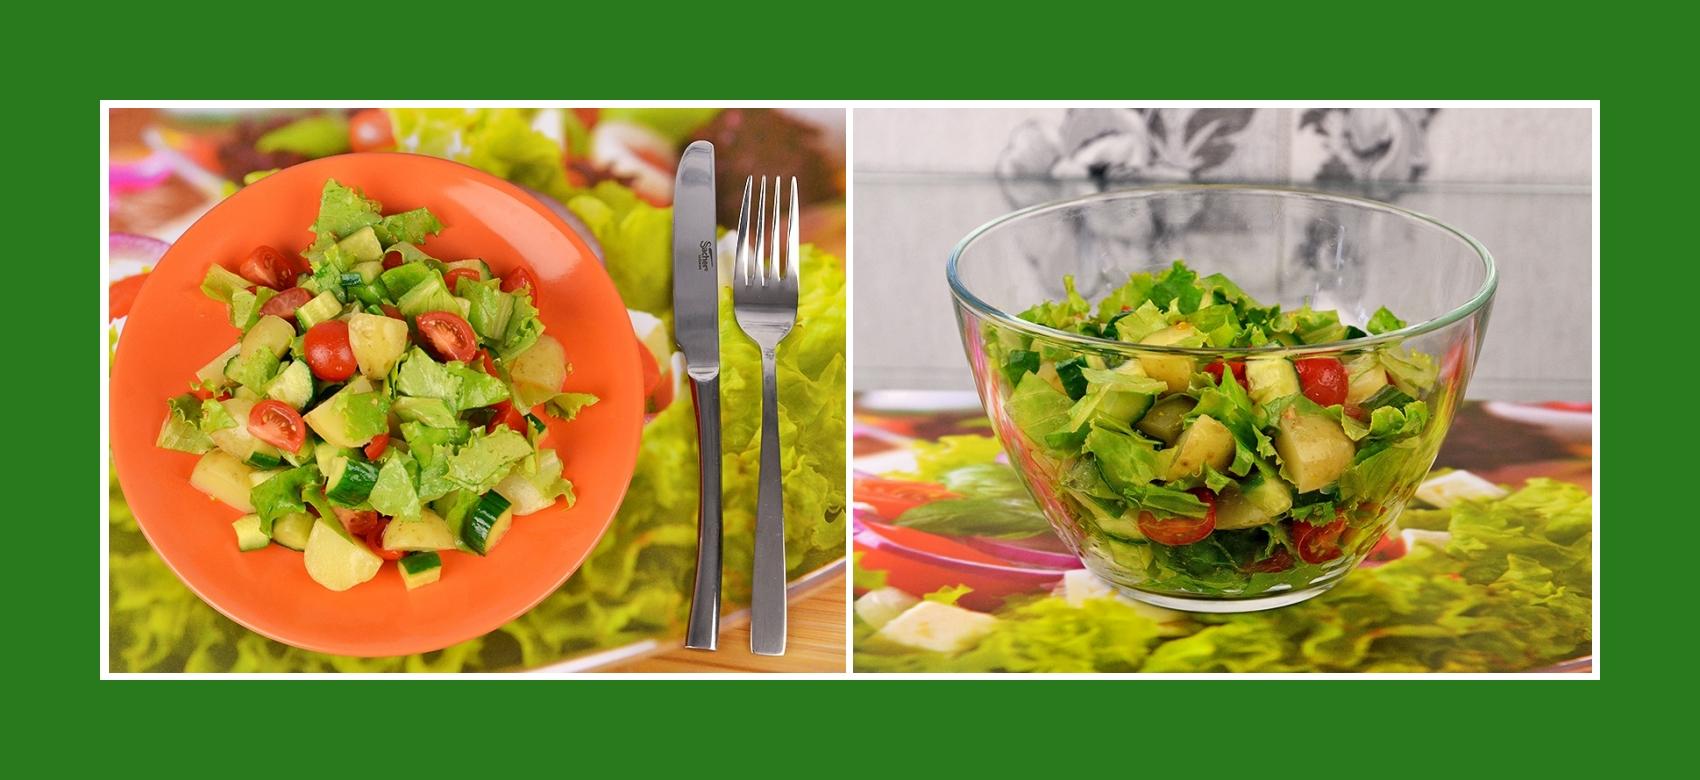 Knusüriger Salat mit Frühkartoffeln, Salat, Cherrytomaten und Gurken